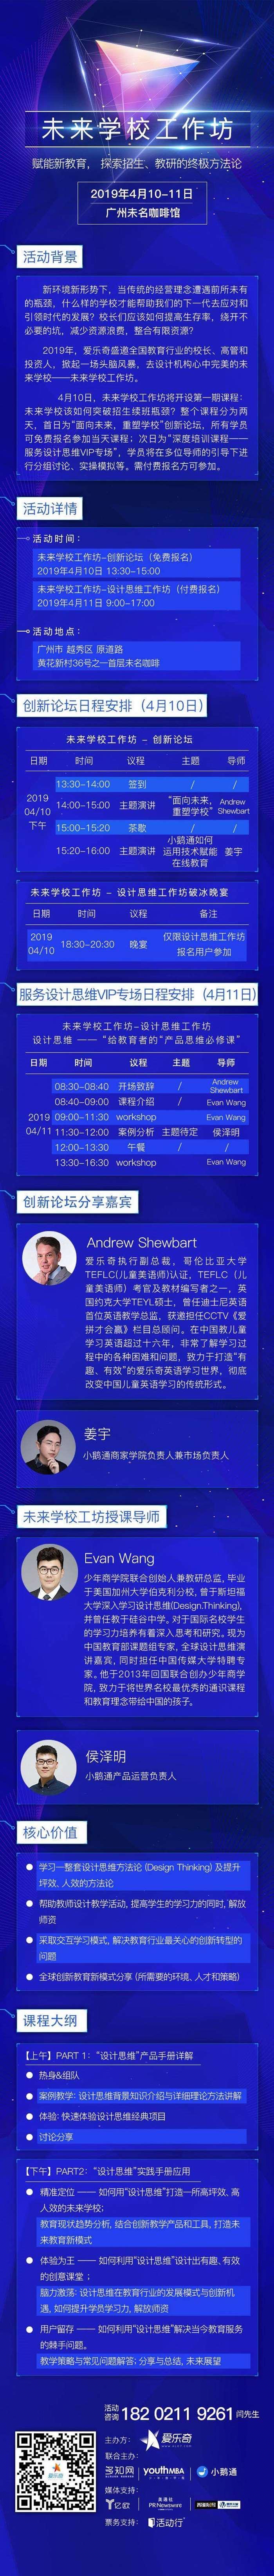 未来工坊长图3.27(2)(1).jpg